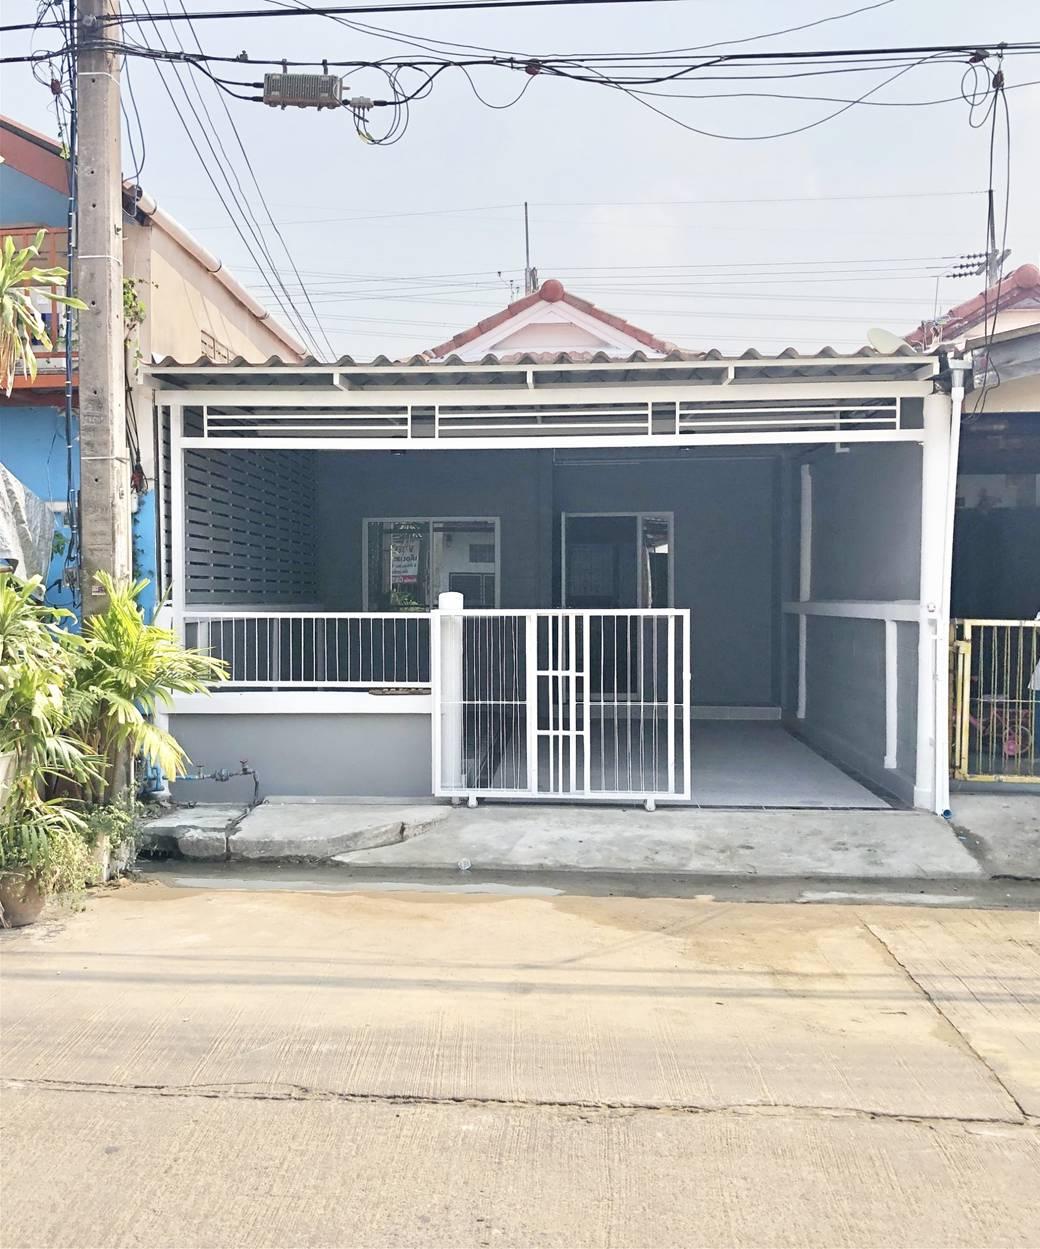 RK17บ้านหลังใหม่ปรับปรุง ต่อเติมใหม่ทั้งหลัง ม.ธราดล ตรงข้ามโลตัสคลอง 7